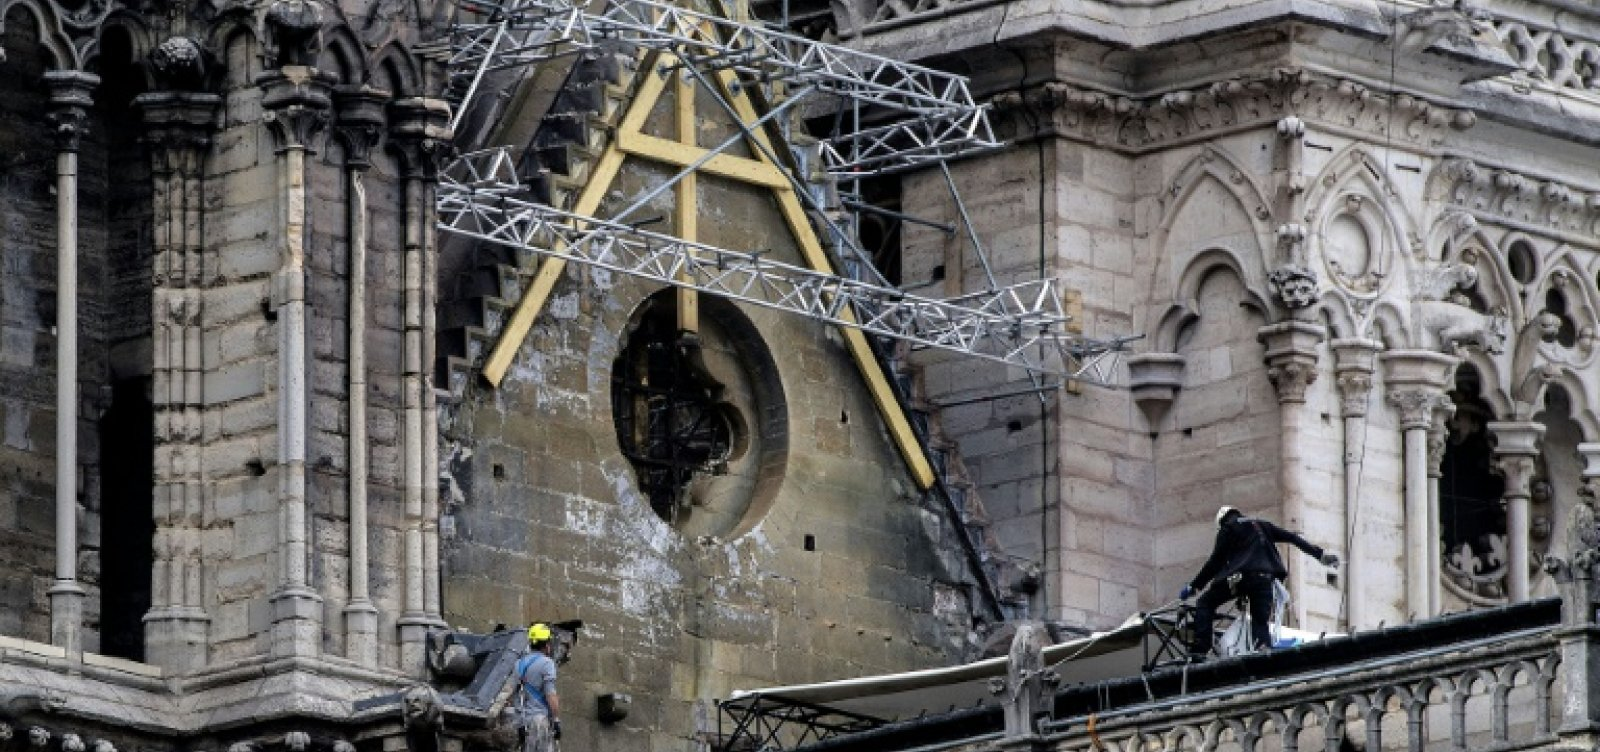 Polícia encontra bitucas onde começou o incêndio de Notre-Dame